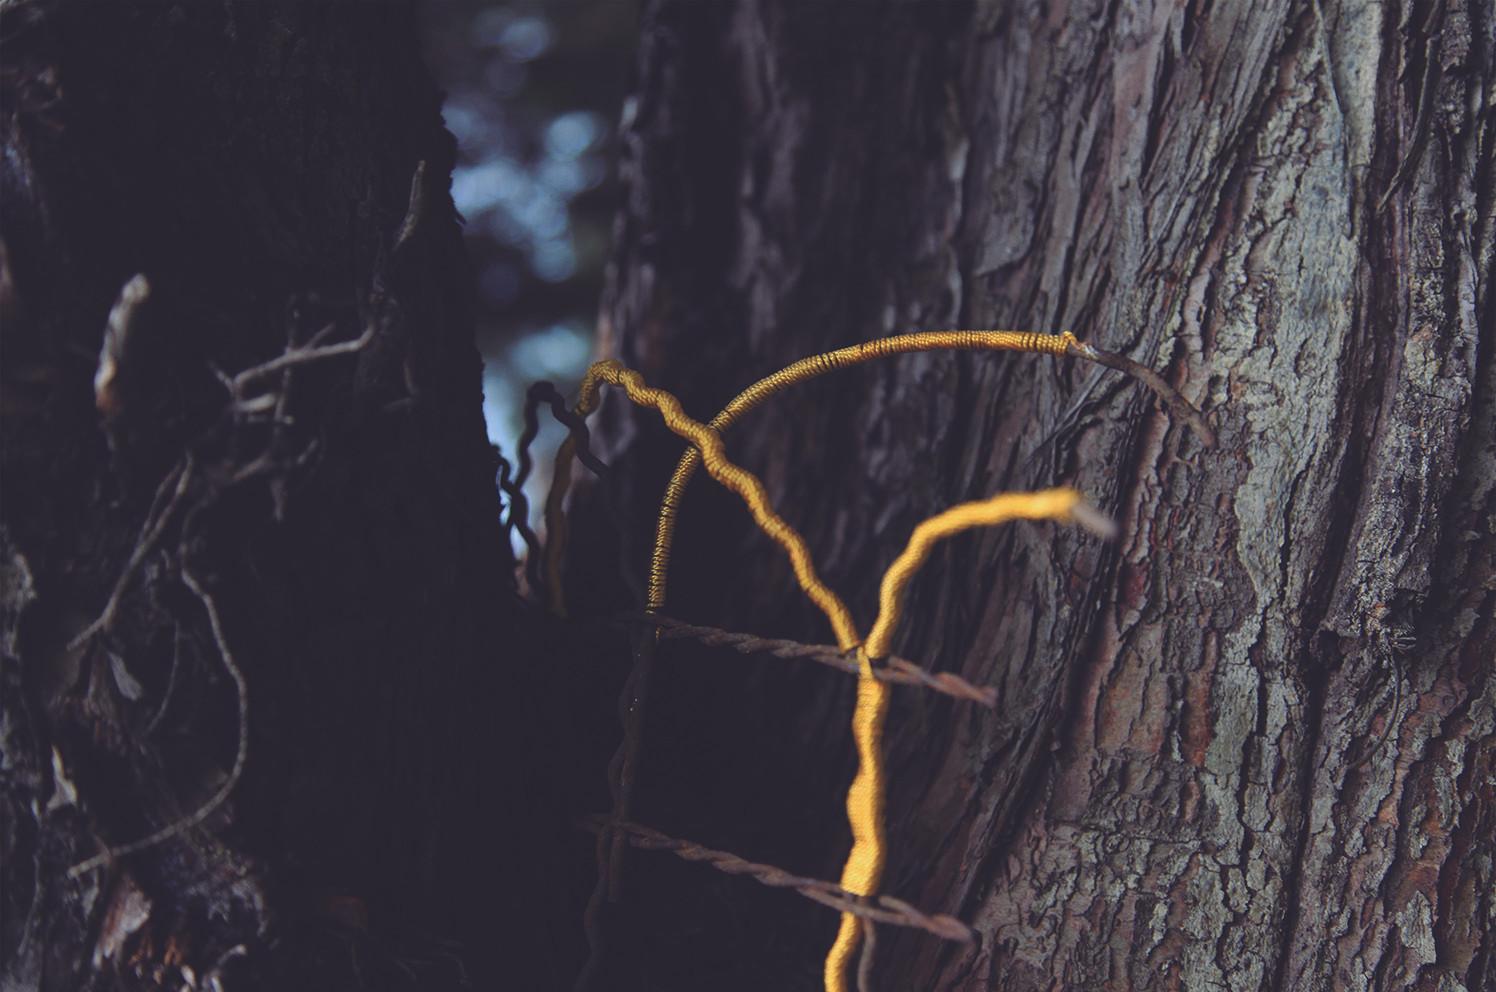 Andrea Marín Titulo: Cerca, muy cerca. Serie, pieza No. 1 Técnica: Serie, Fotografía digital C-Print Registro de Intervención en árboles del campus de la Universidad Nacional Hilos bordean la cerca de alambre incrustada en las cortezas de árbol por crecimiento natural de su tronco. Dimensiones: 50x36 Año: 2018